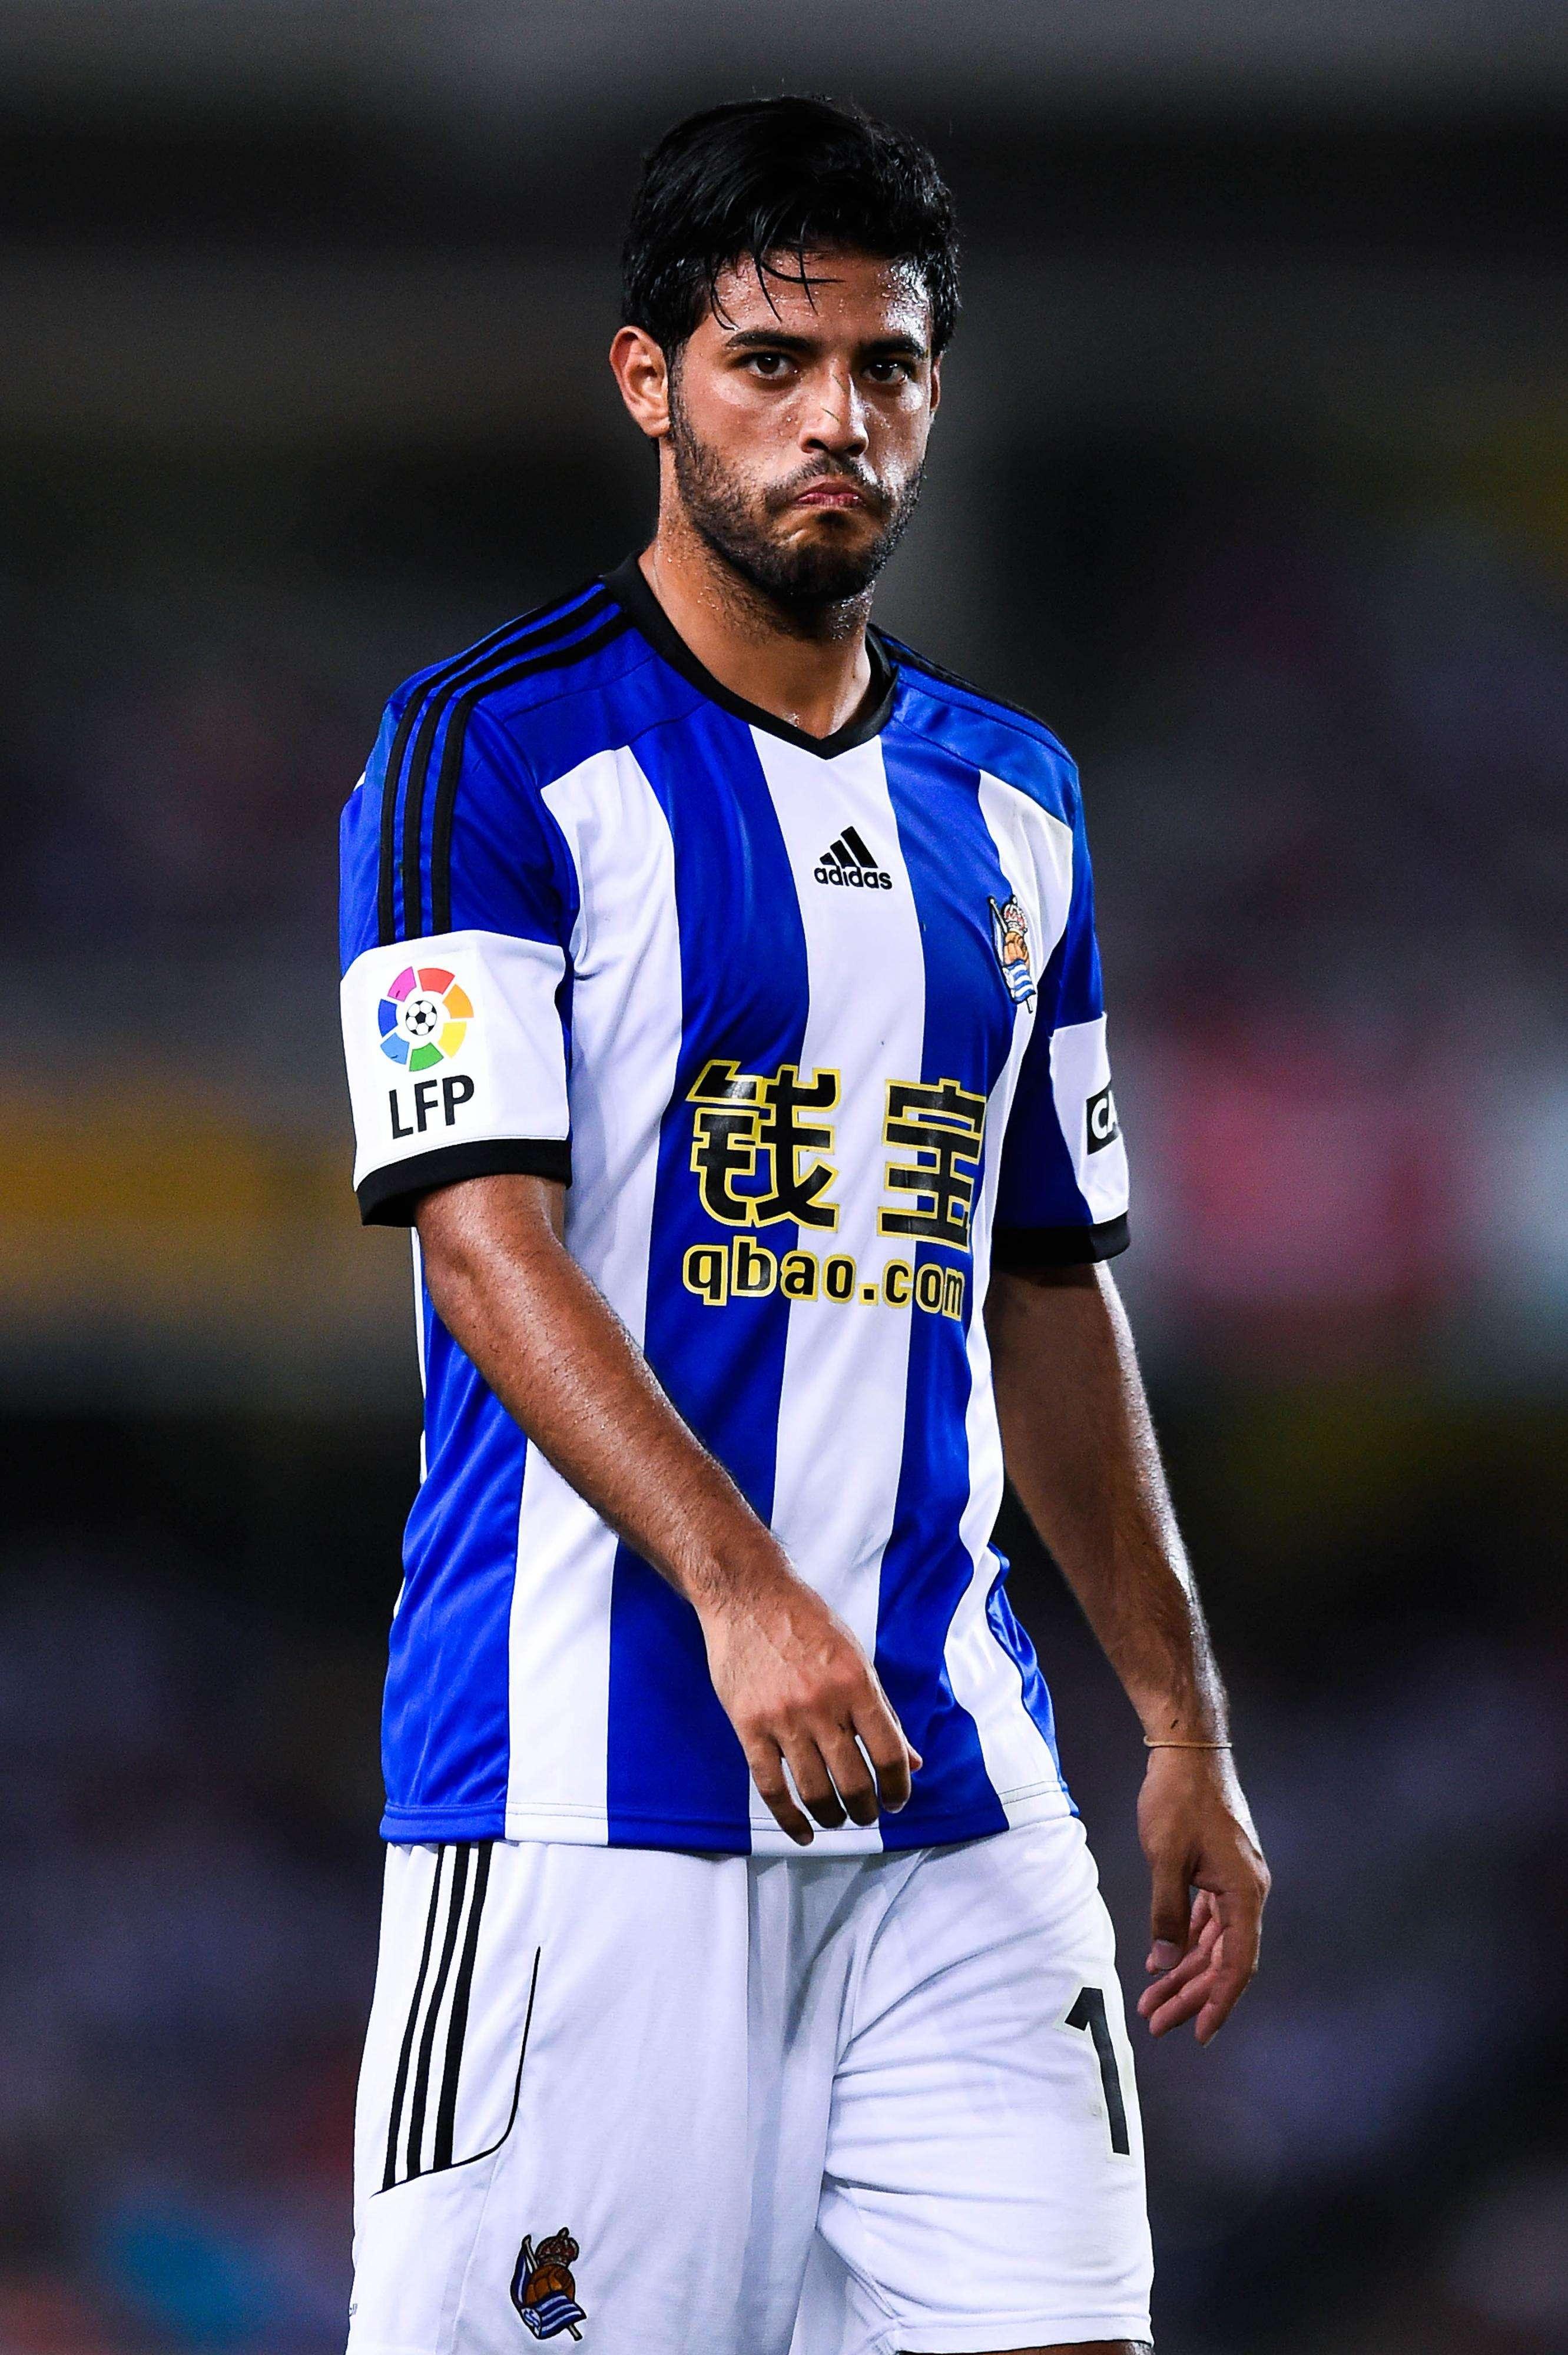 Carlos Vela tuvo apenas 30 minutos de juego en el partido entre Real Sociedad y Sevilla. Foto: Getty Images